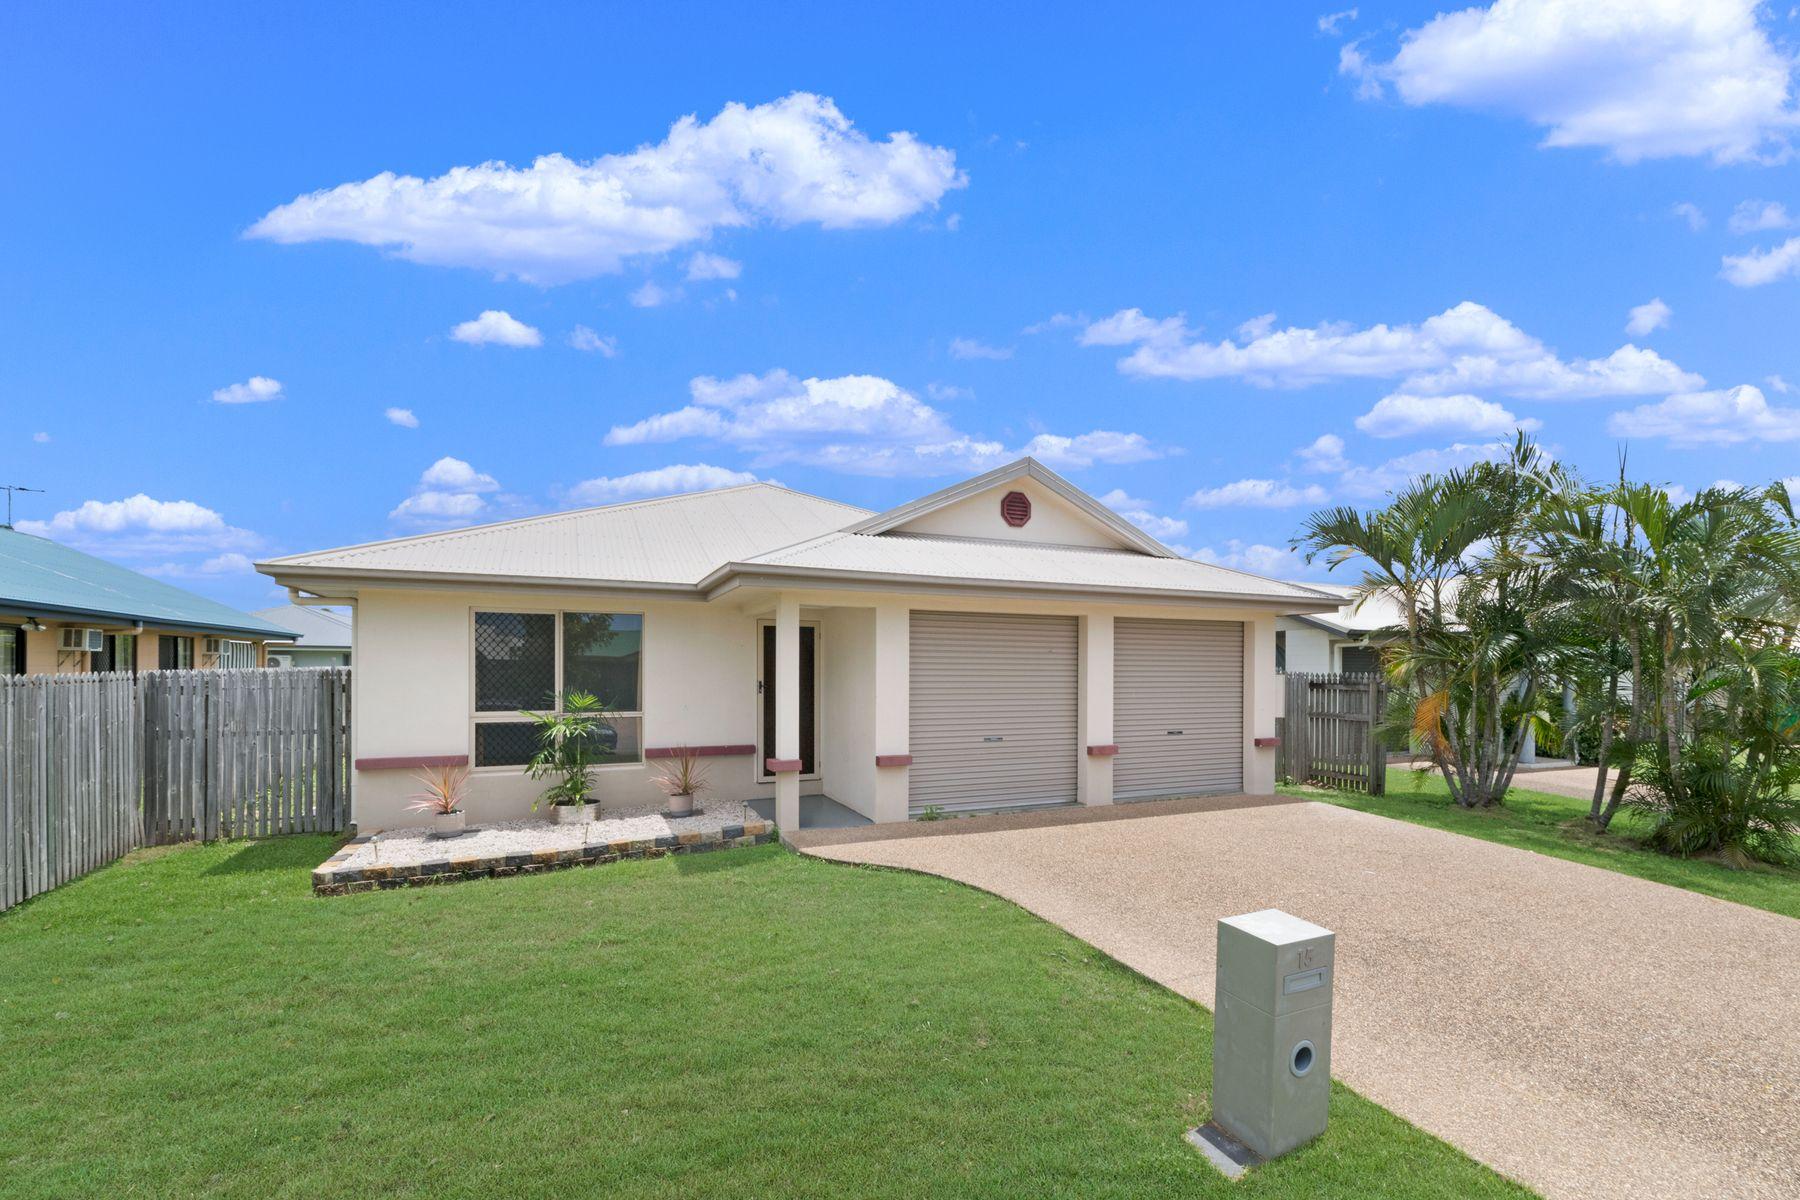 15 Eider Court, Condon, QLD 4815